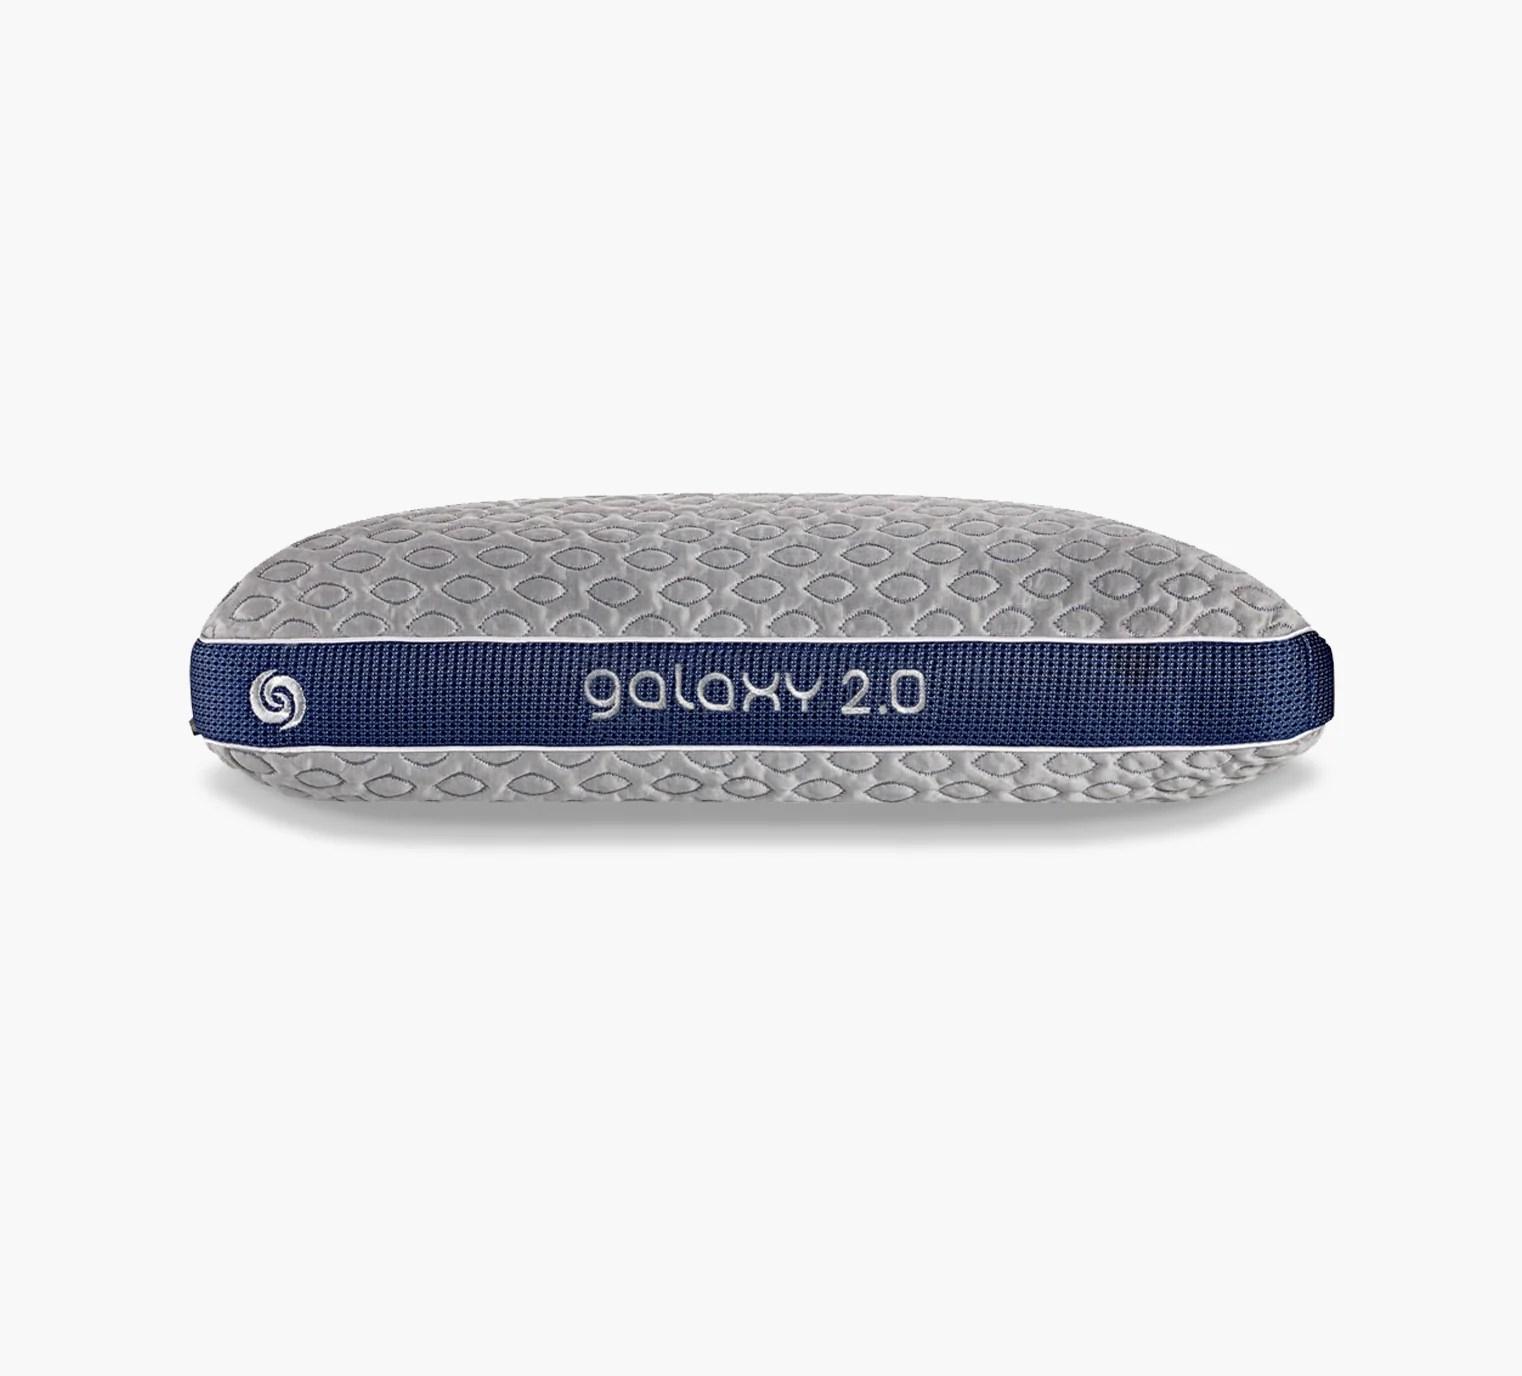 bedgear galaxy 2 0 back sleeper pillow